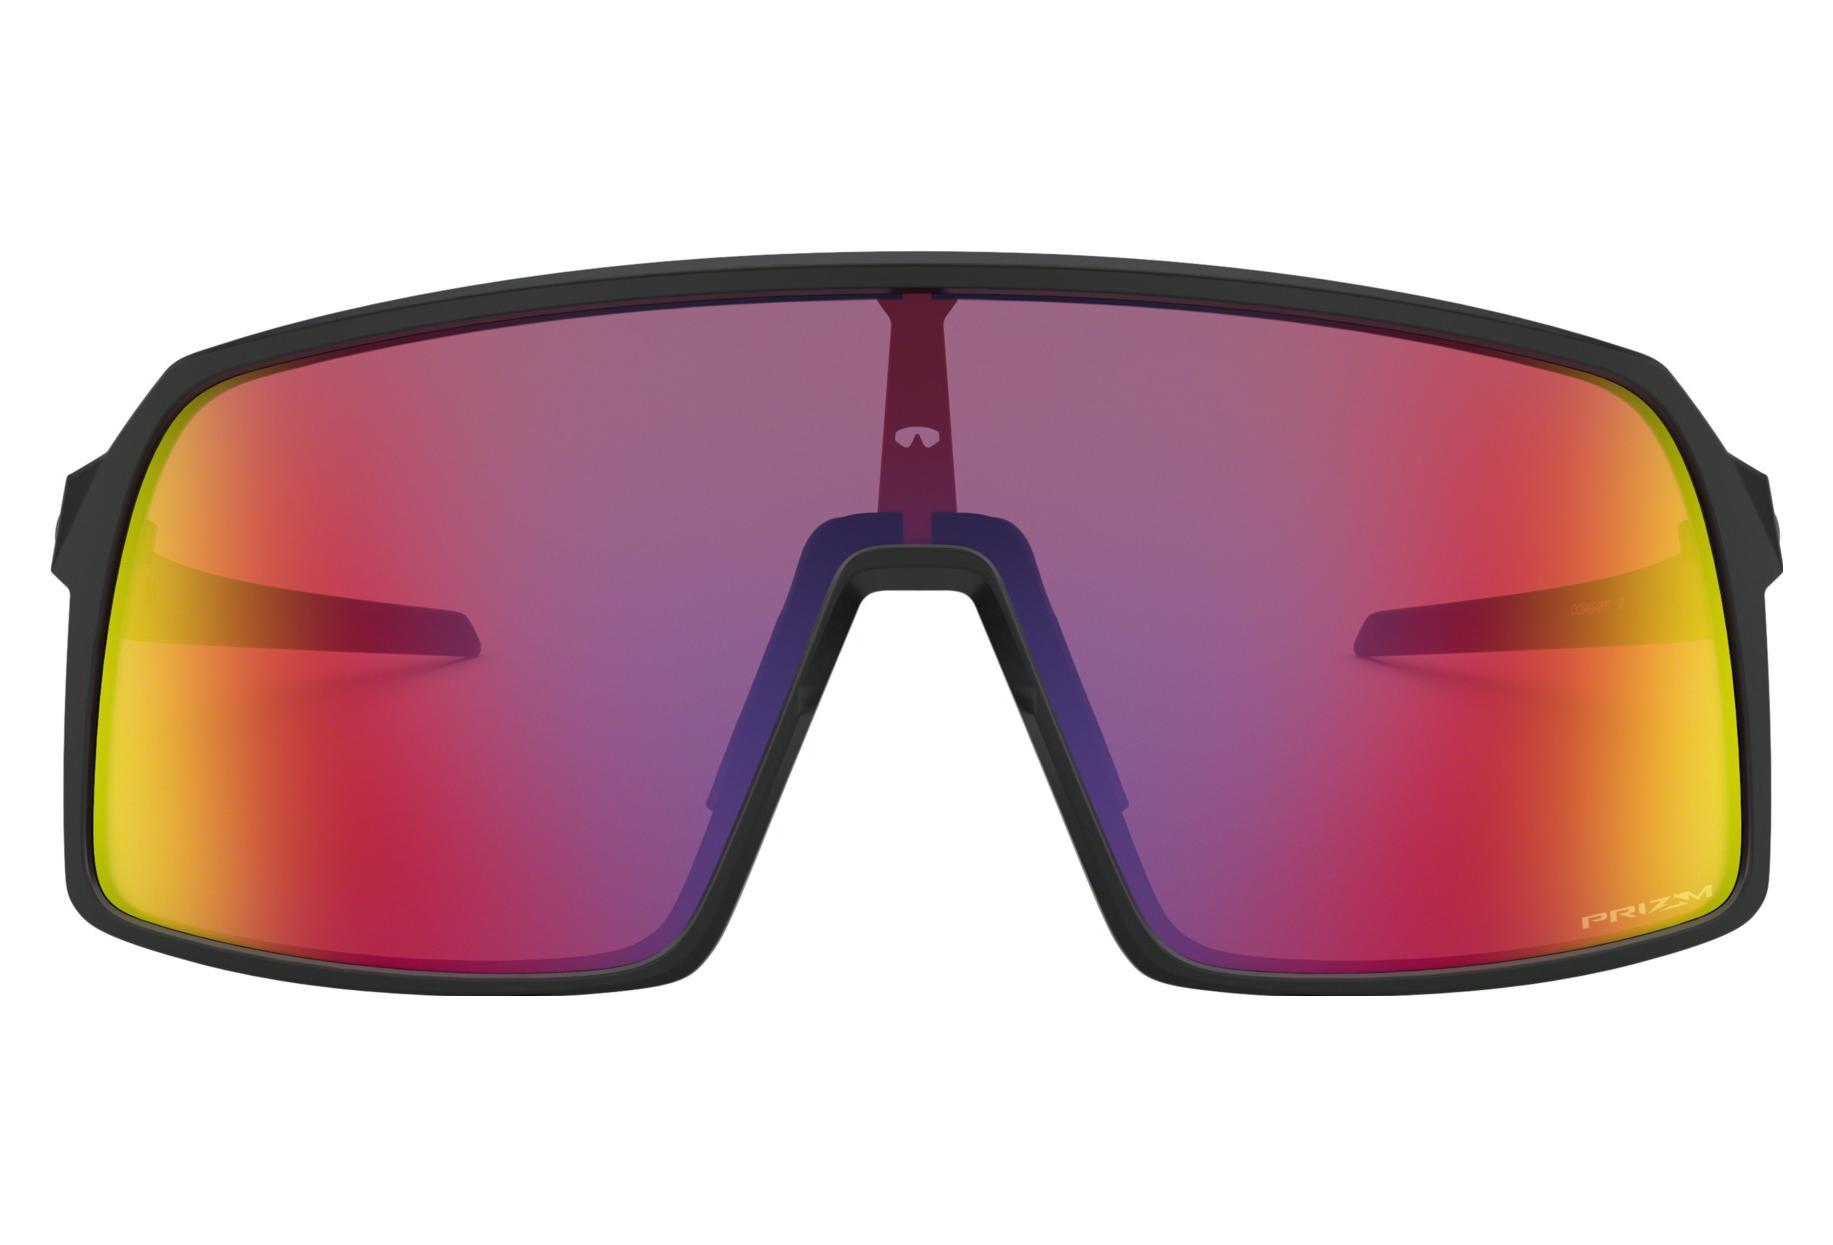 36d9ff3217559 Oakley Sunglasses Sutro Matte Black   Prizm Road   Ref. OO9406-0837 ...